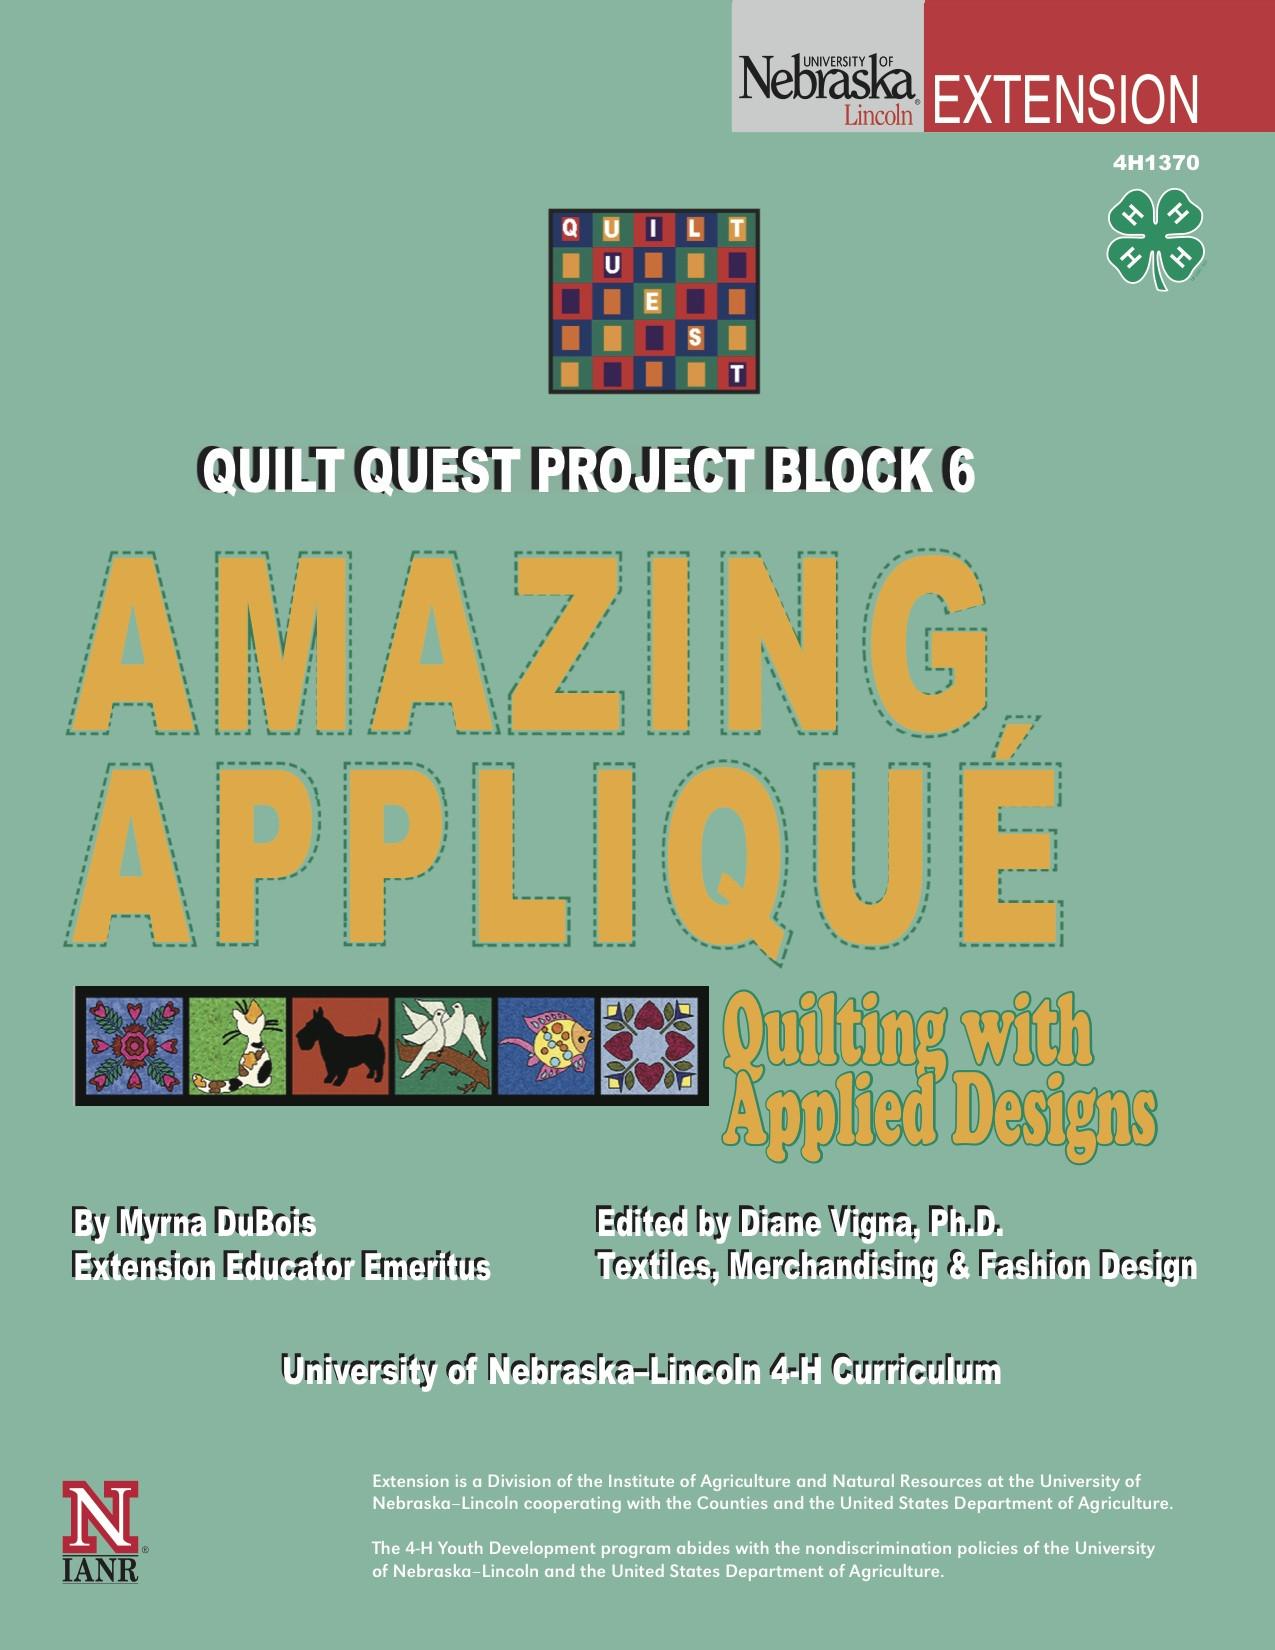 Quilt Quest Project Block 6: Amazing Appliqué